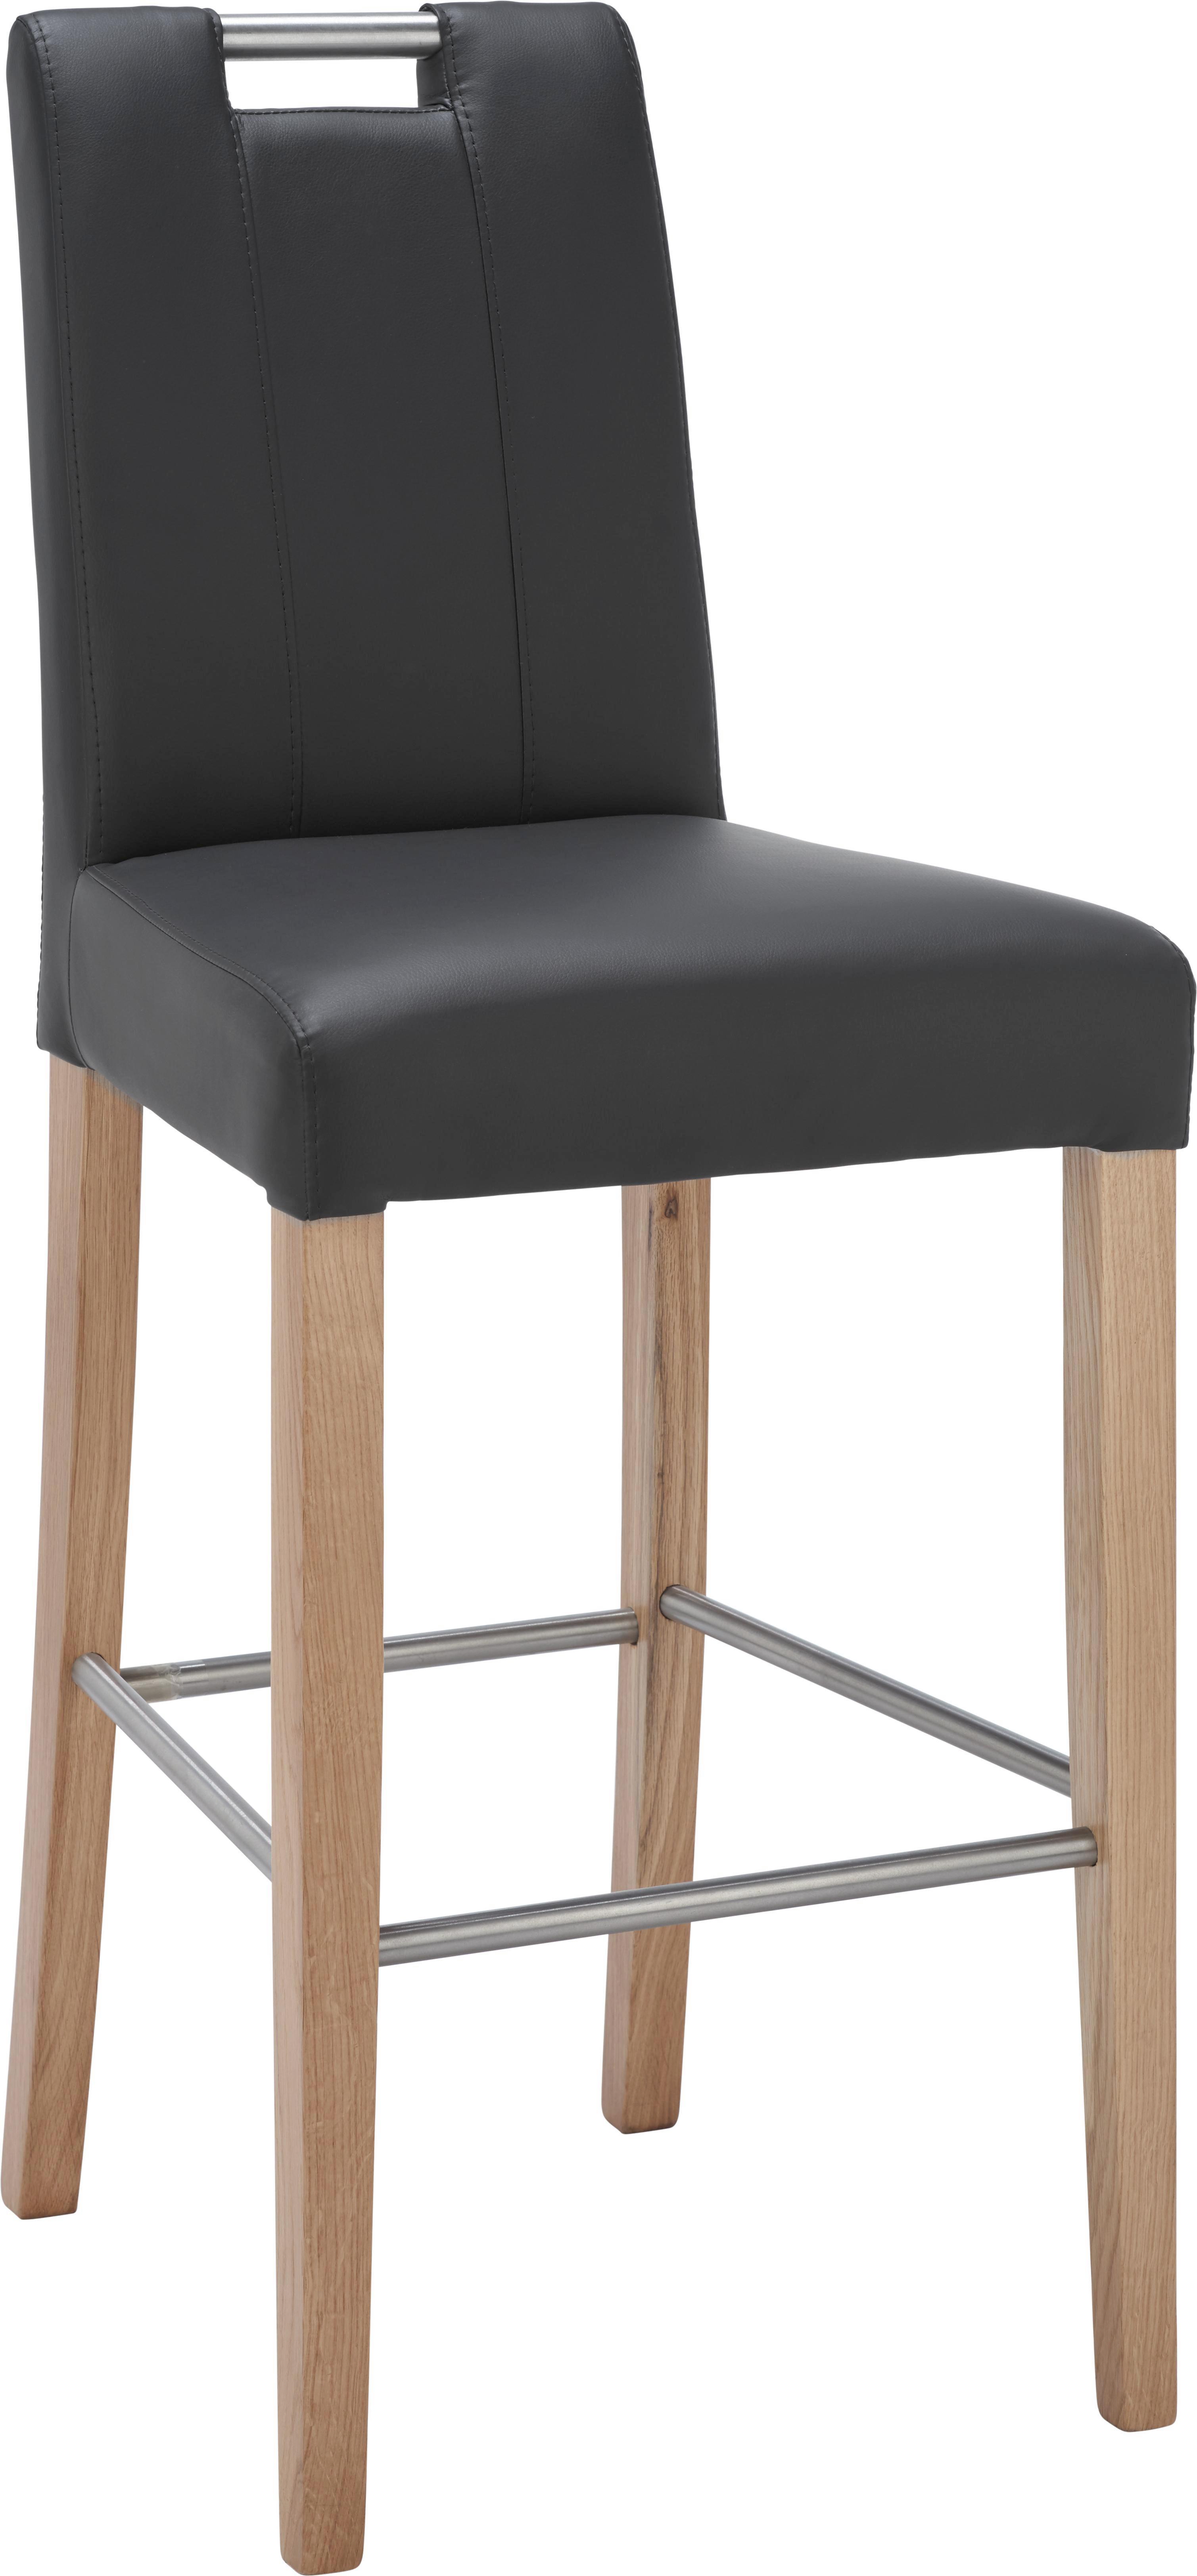 barhocker modern affordable barhocker erset canasta gelb with barhocker modern excellent erset. Black Bedroom Furniture Sets. Home Design Ideas